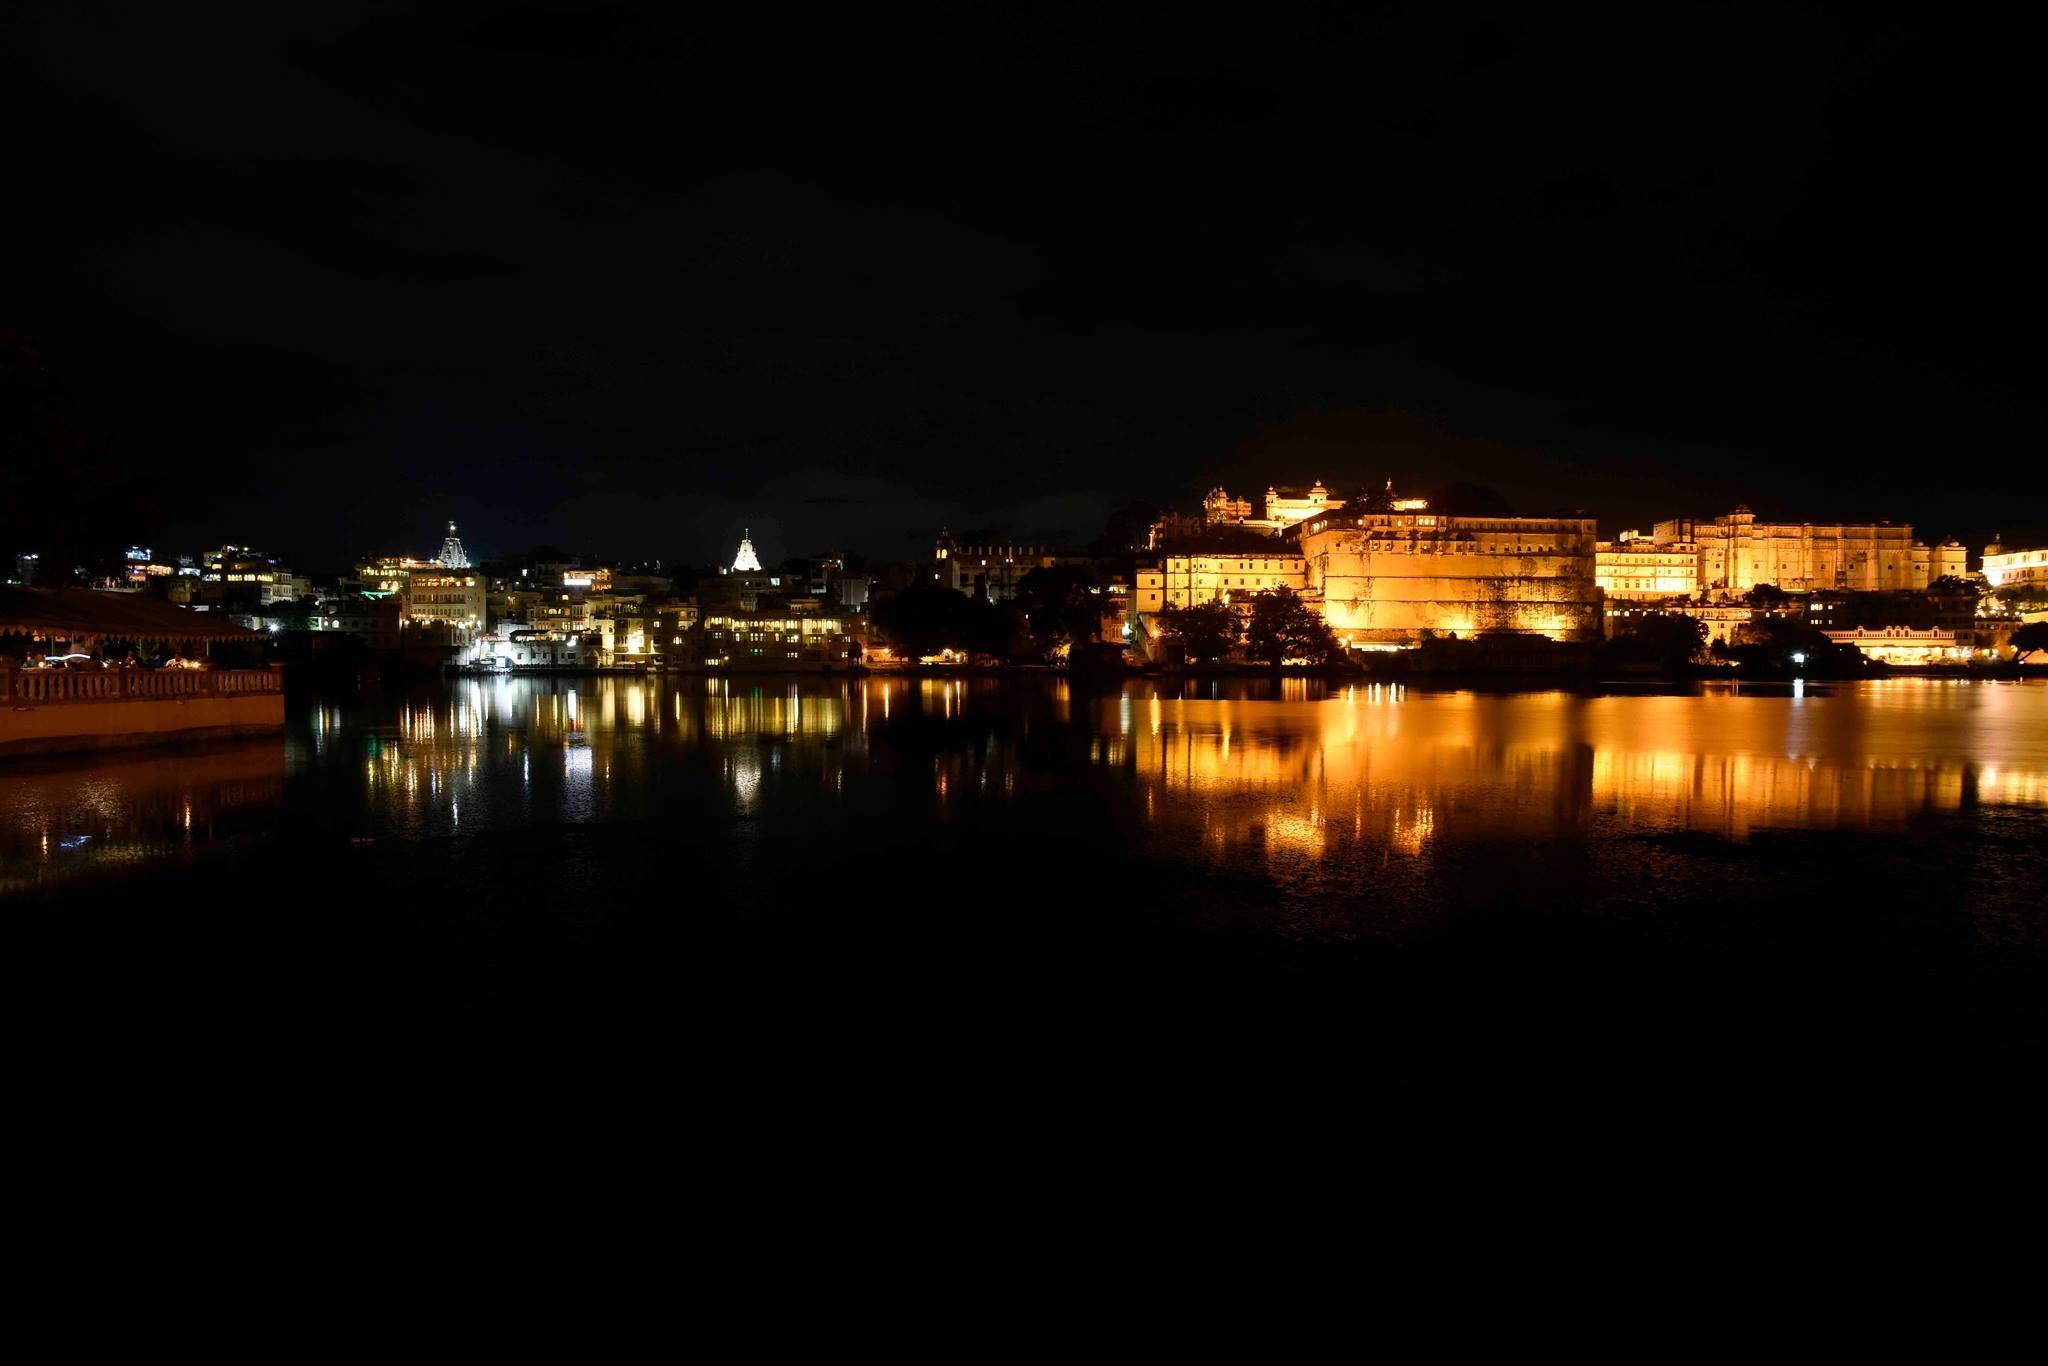 Udaipur Palace at night, India